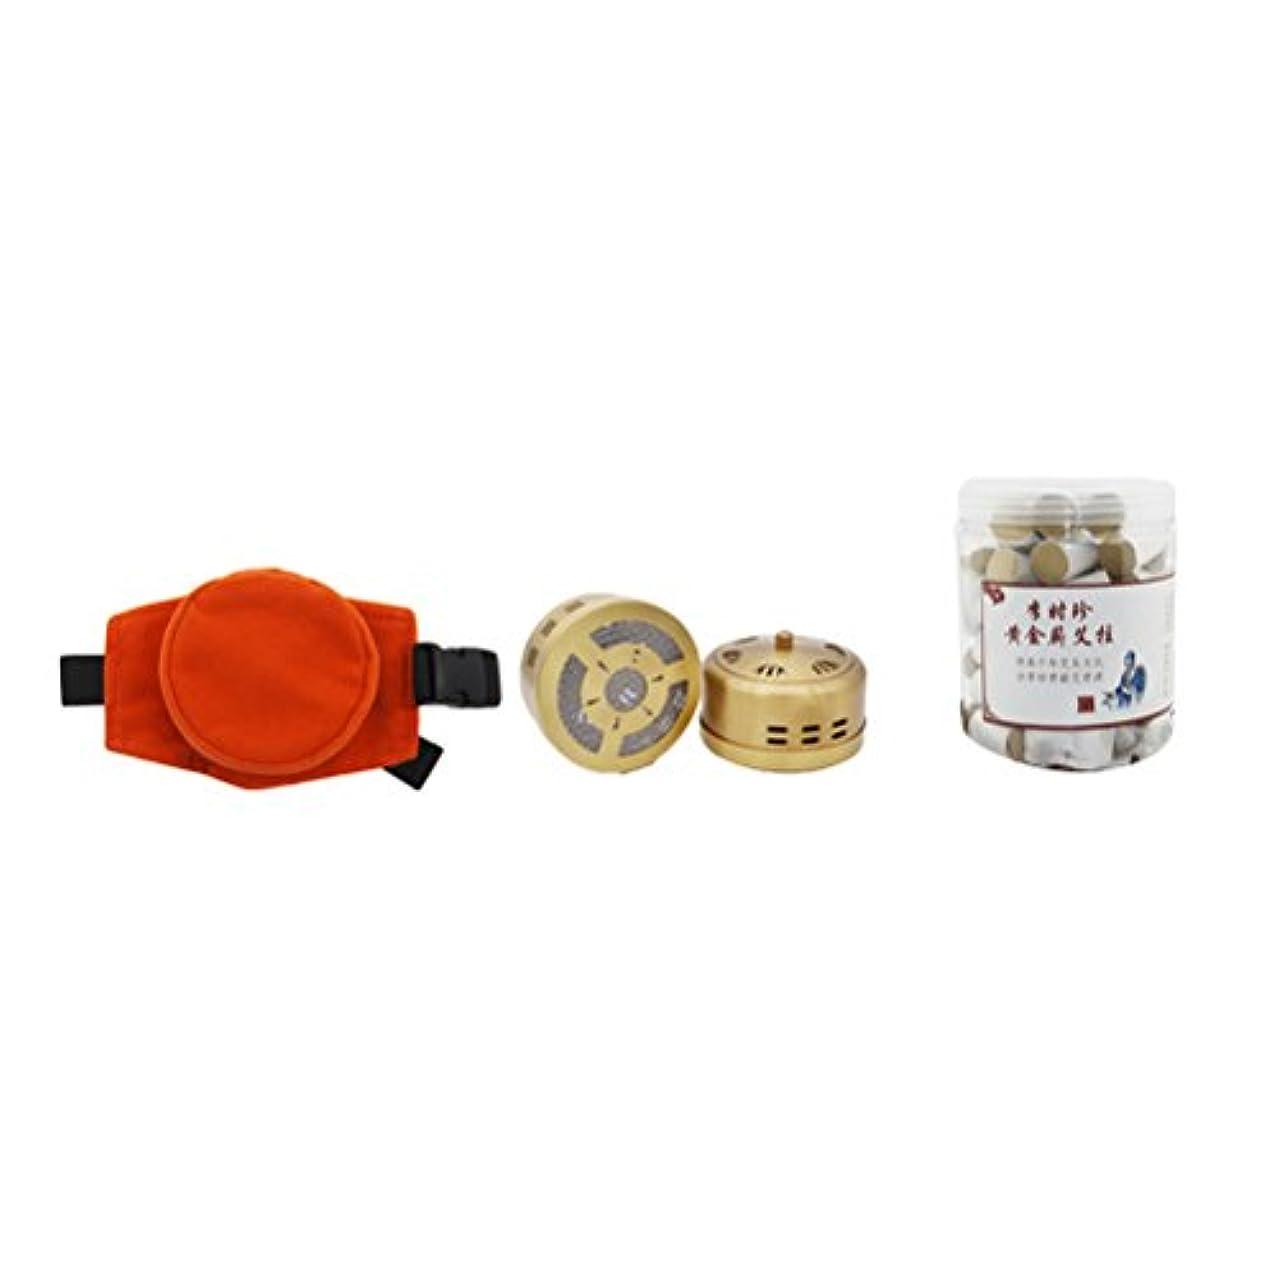 箱再編成する出席する灸スティックバーナーボックス無煙Moxa清浄器銅タンク調節可能なポケットと60個の腰部頚部の膝関節炎痛み緩和のための灸棒の灸治療の箱